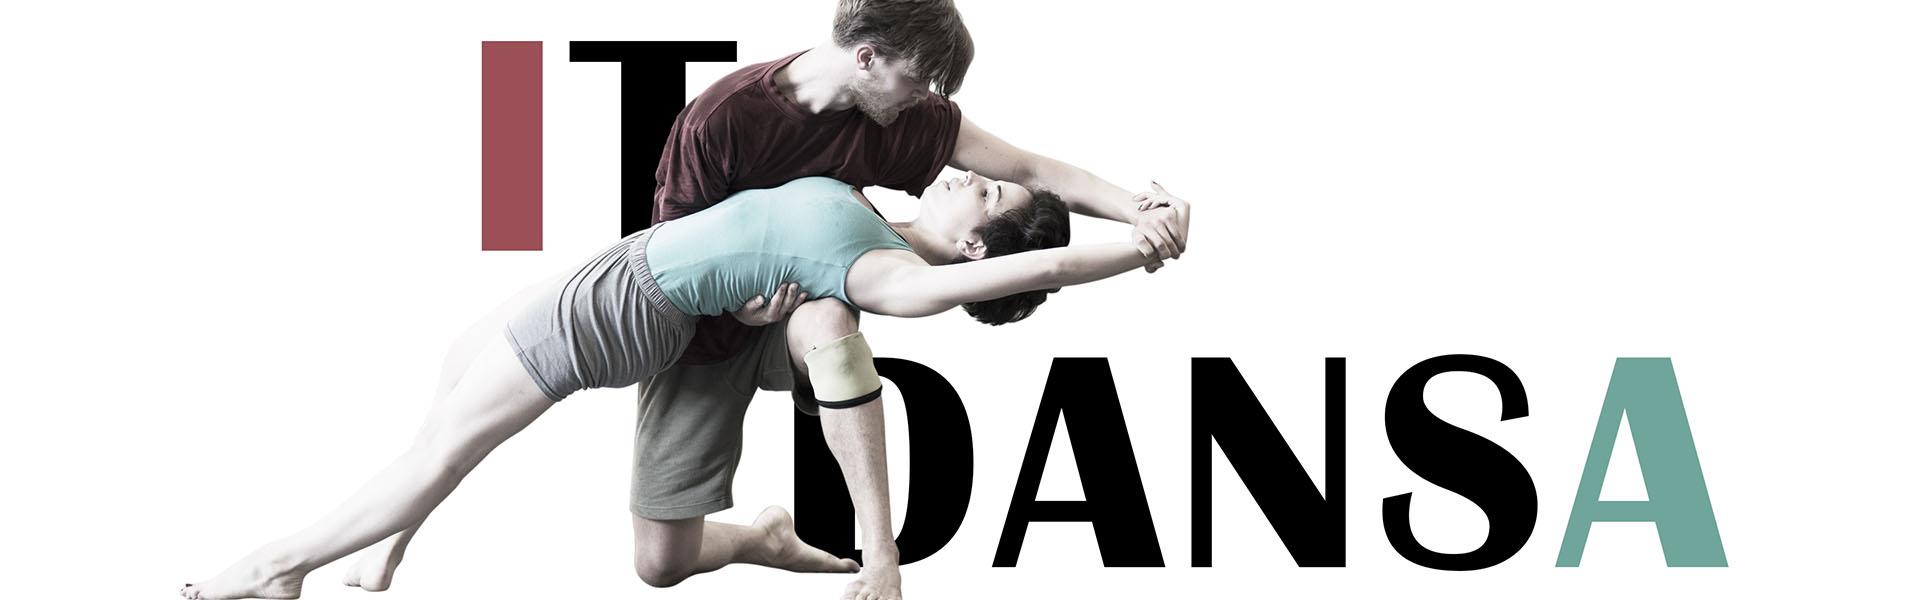 IT Dansa - Work in Progress